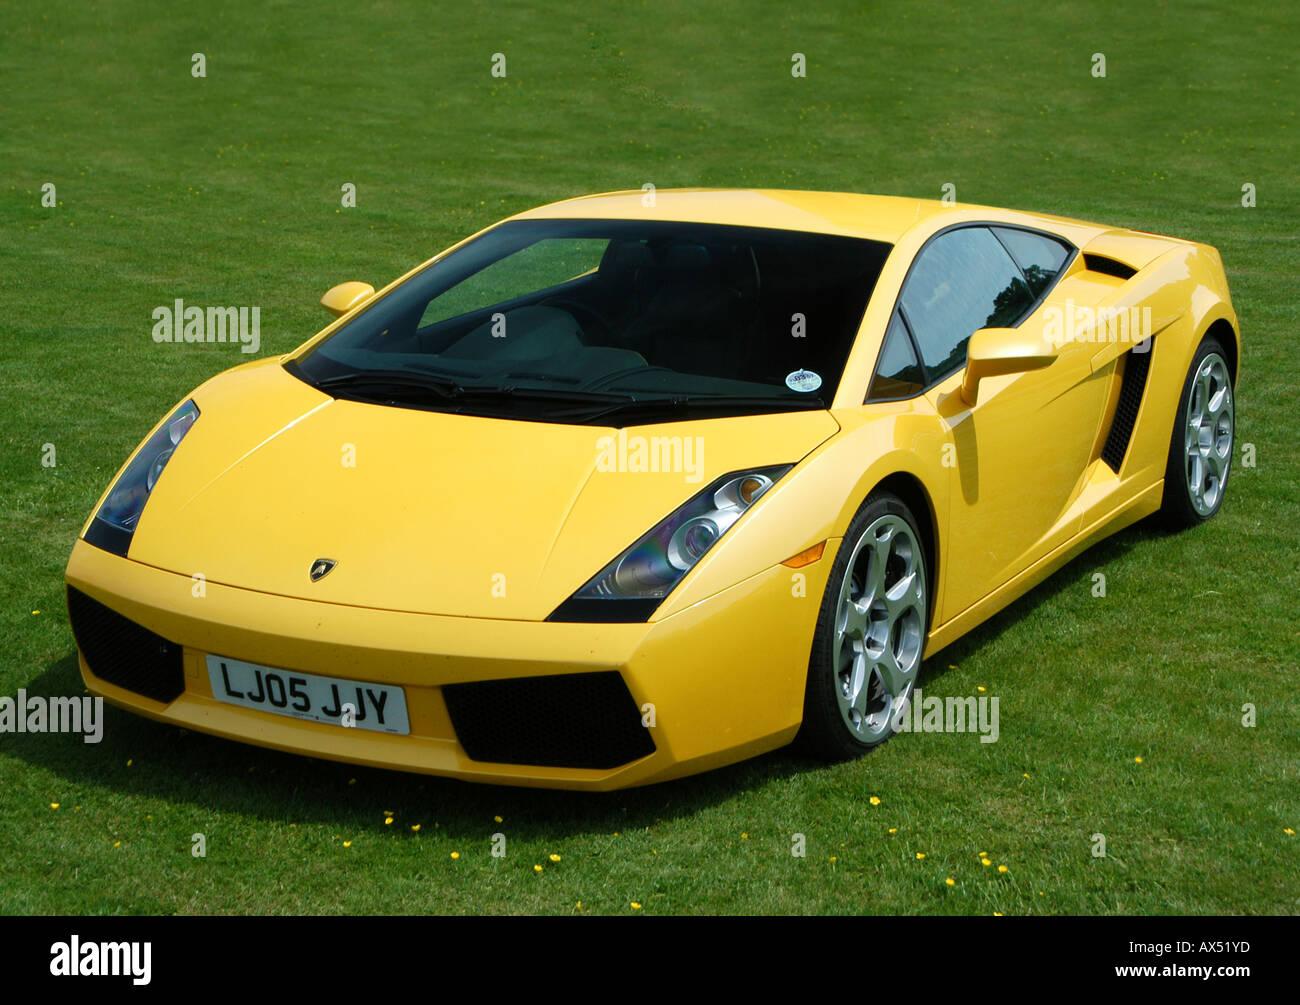 Yellow Lamborghini Gallardo Italian Super Car Stock Photo 9560700